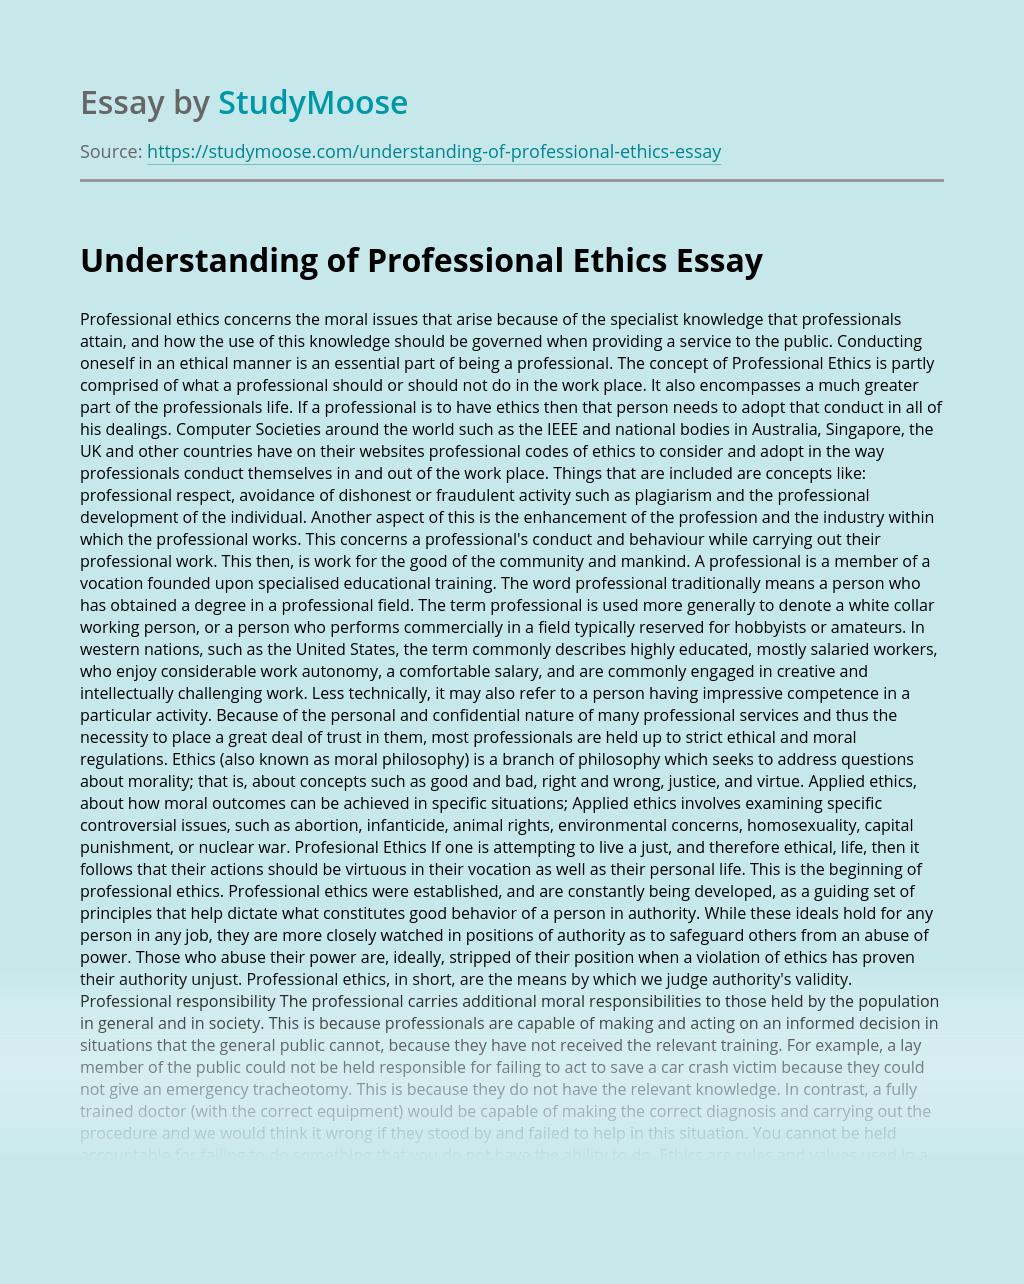 Understanding of Professional Ethics